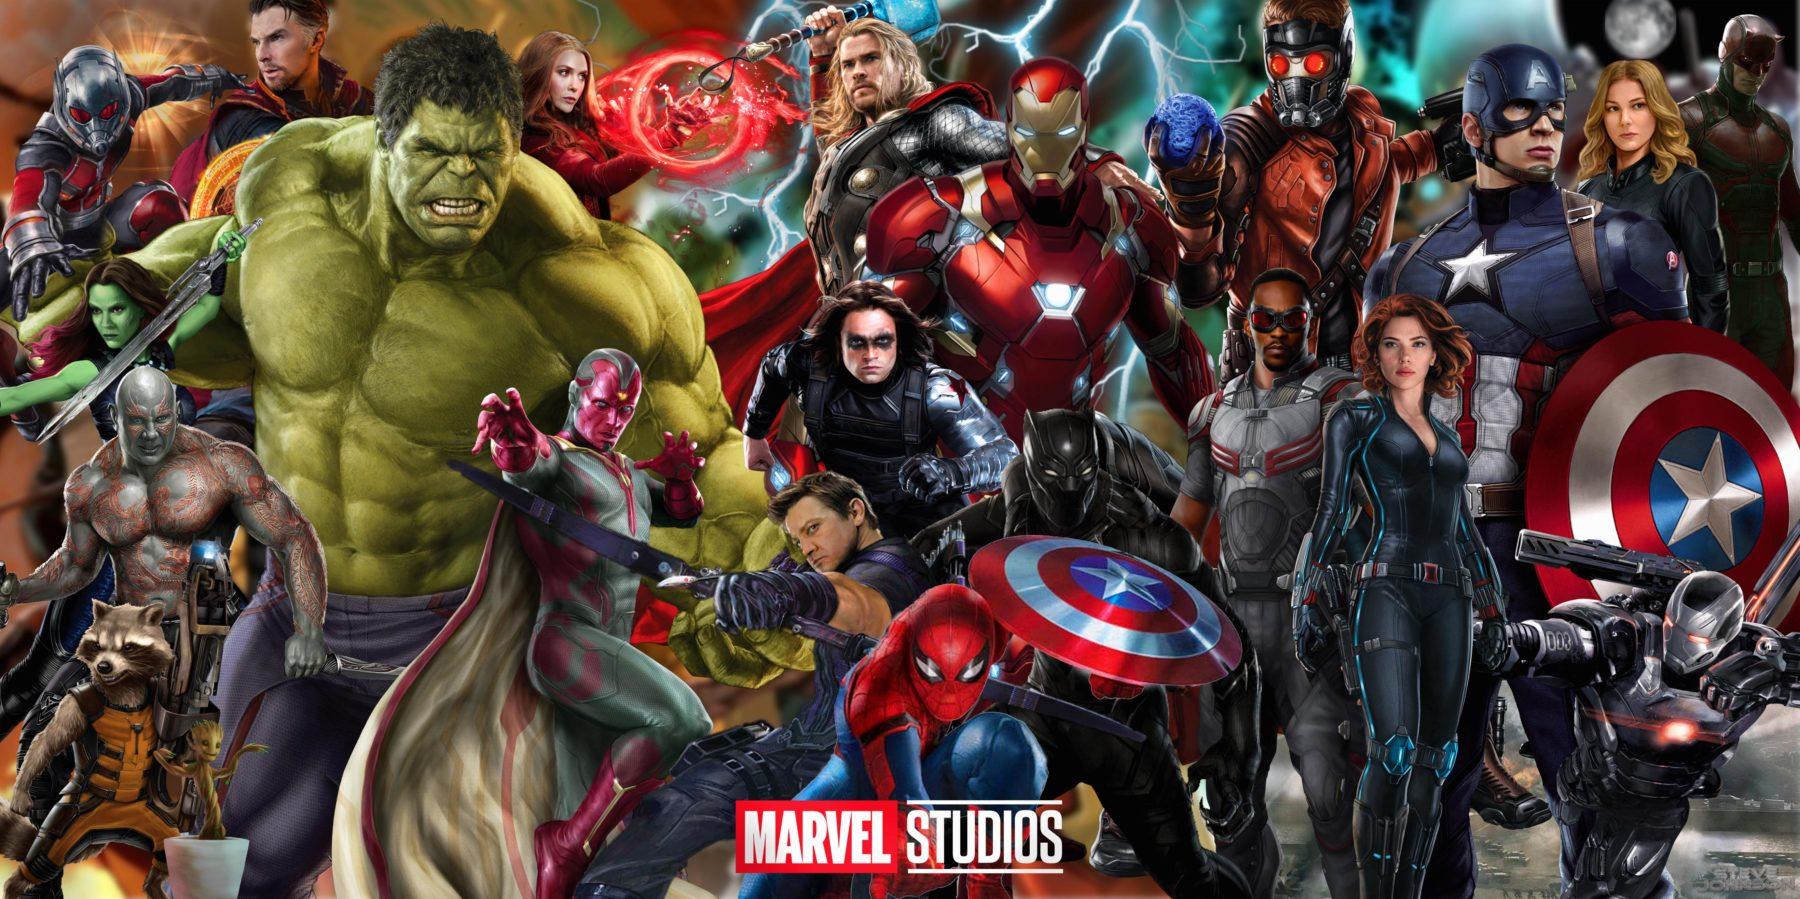 Marvel Studios tiene planes hasta 2024, pero ¿cuáles podrían ser?